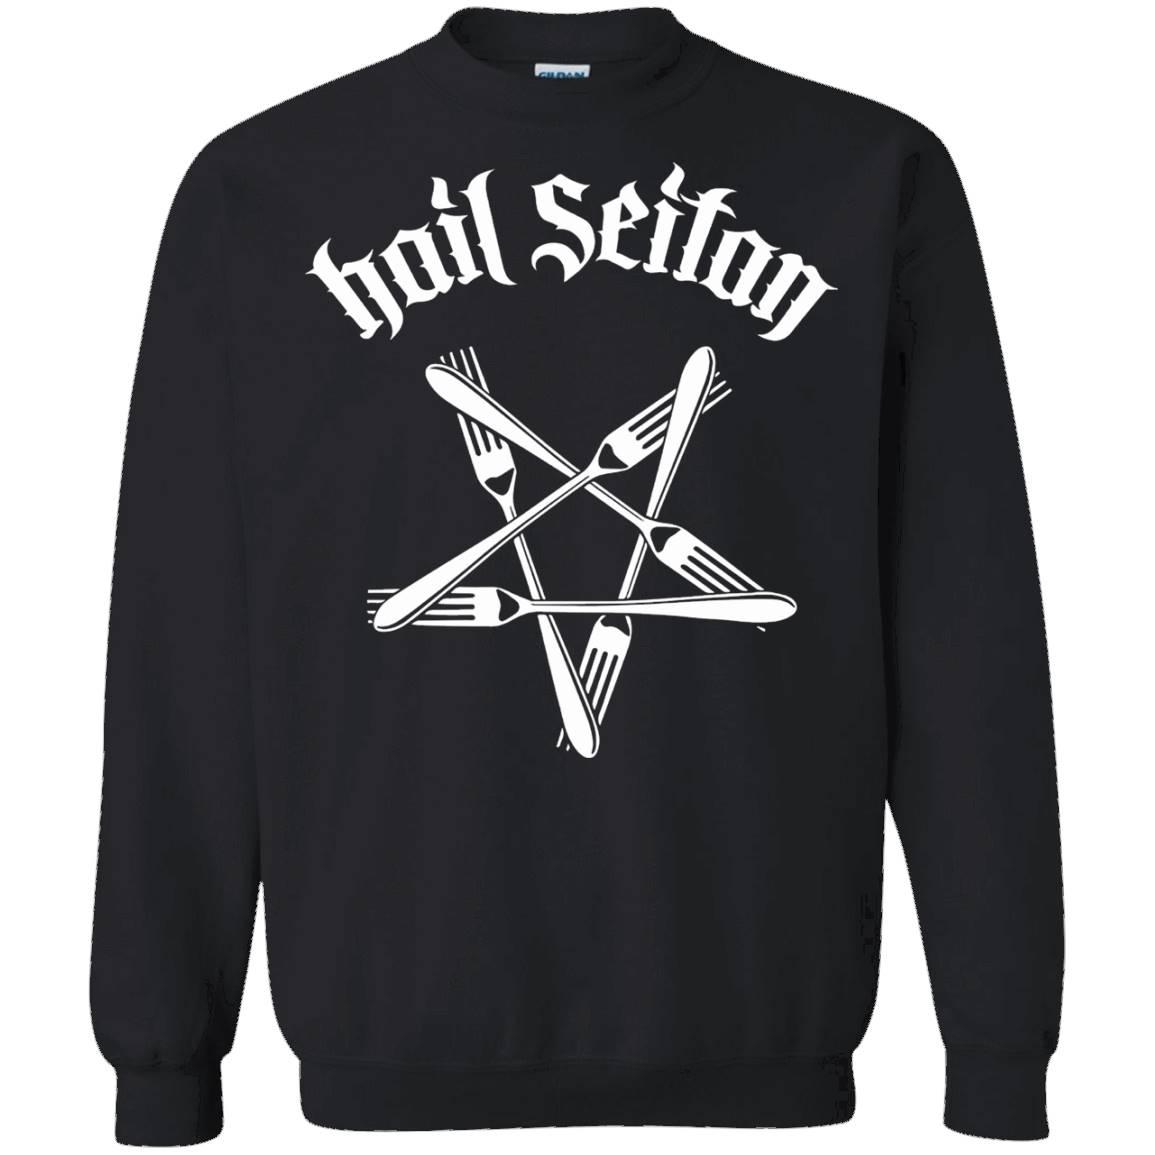 Hail Seitan Go Vegan T Shirts – Sweatshirt